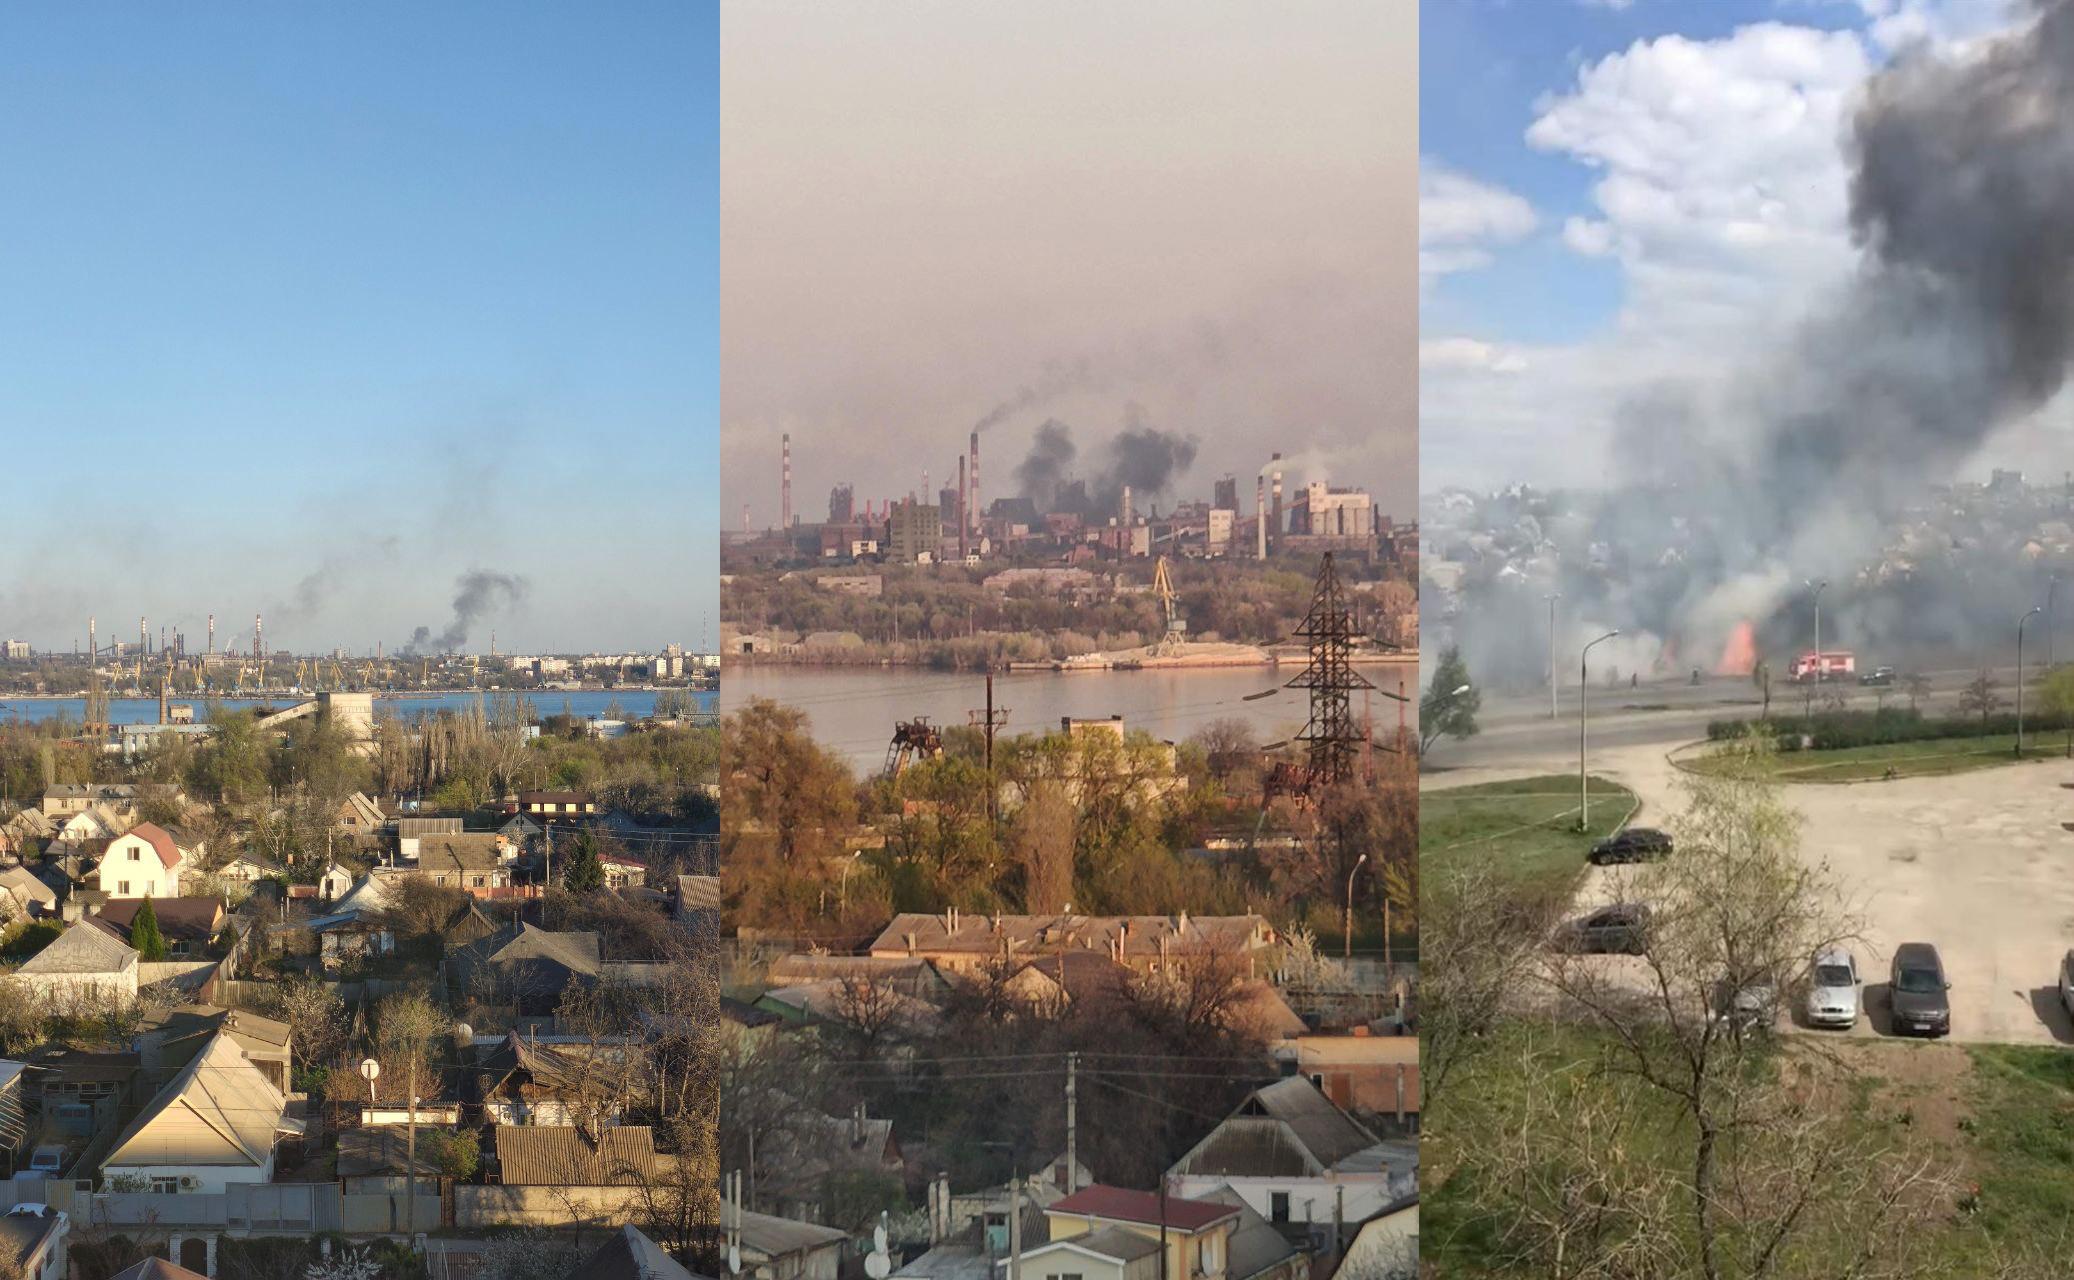 Три дня подряд в Запорожье были крупные пожары, которые видно было даже с других концов города / фото: Vgorode и Алина Деревянко